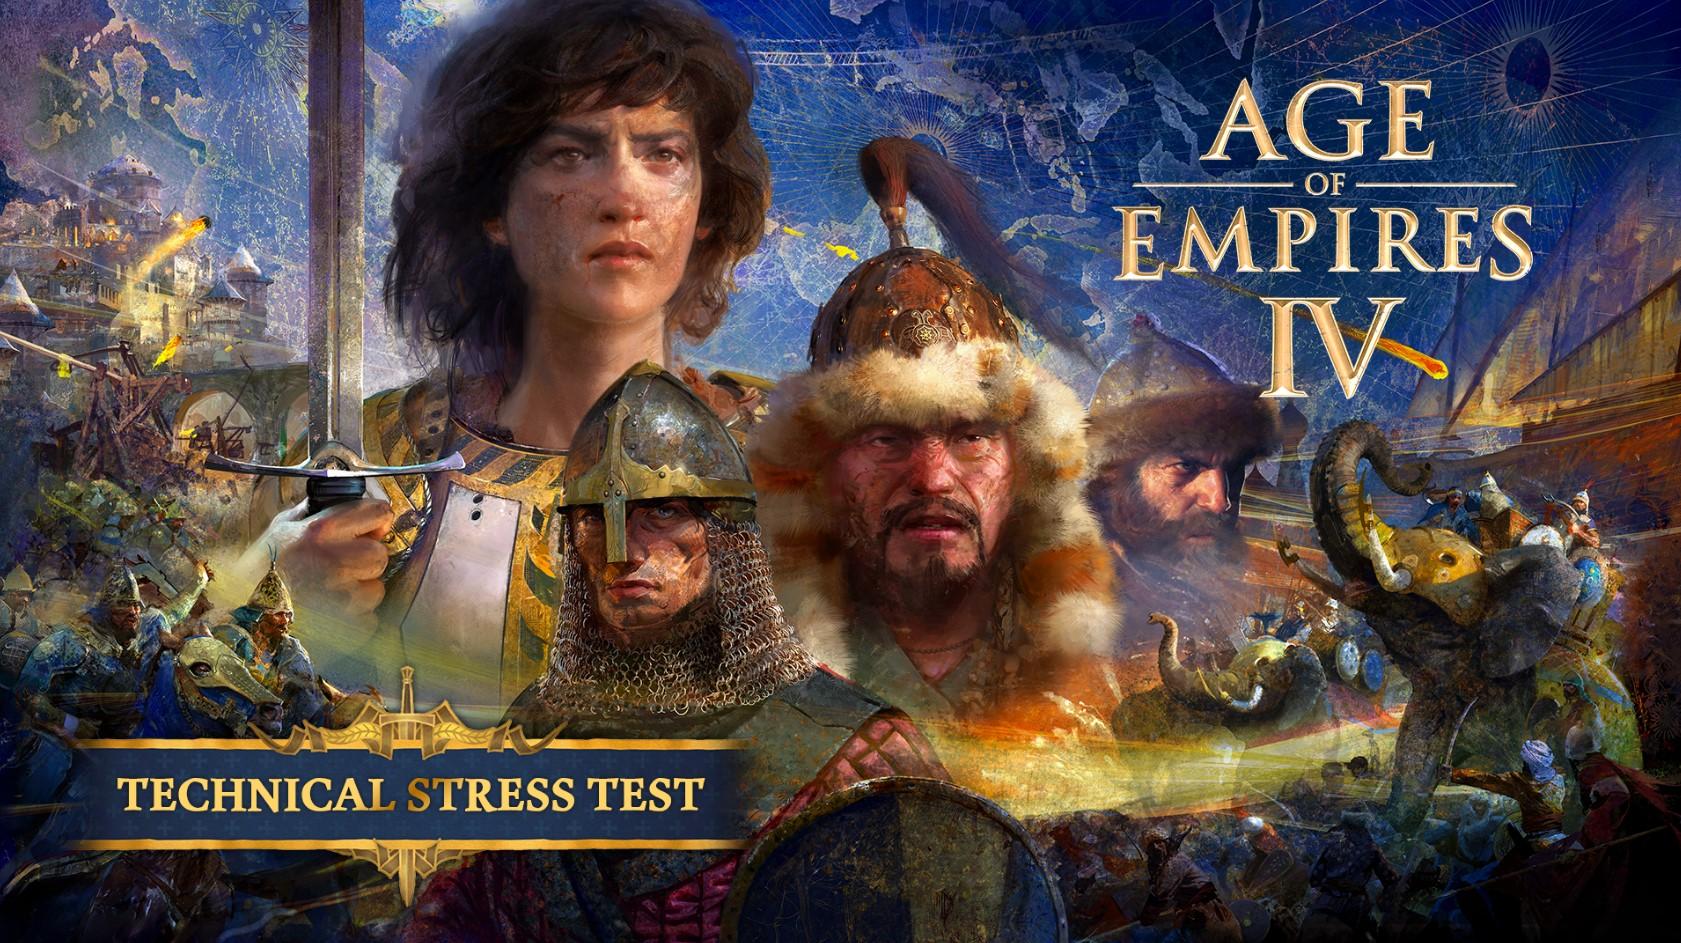 《帝国时代4》9月17日开启技术测试 包含四种文明及五张地图